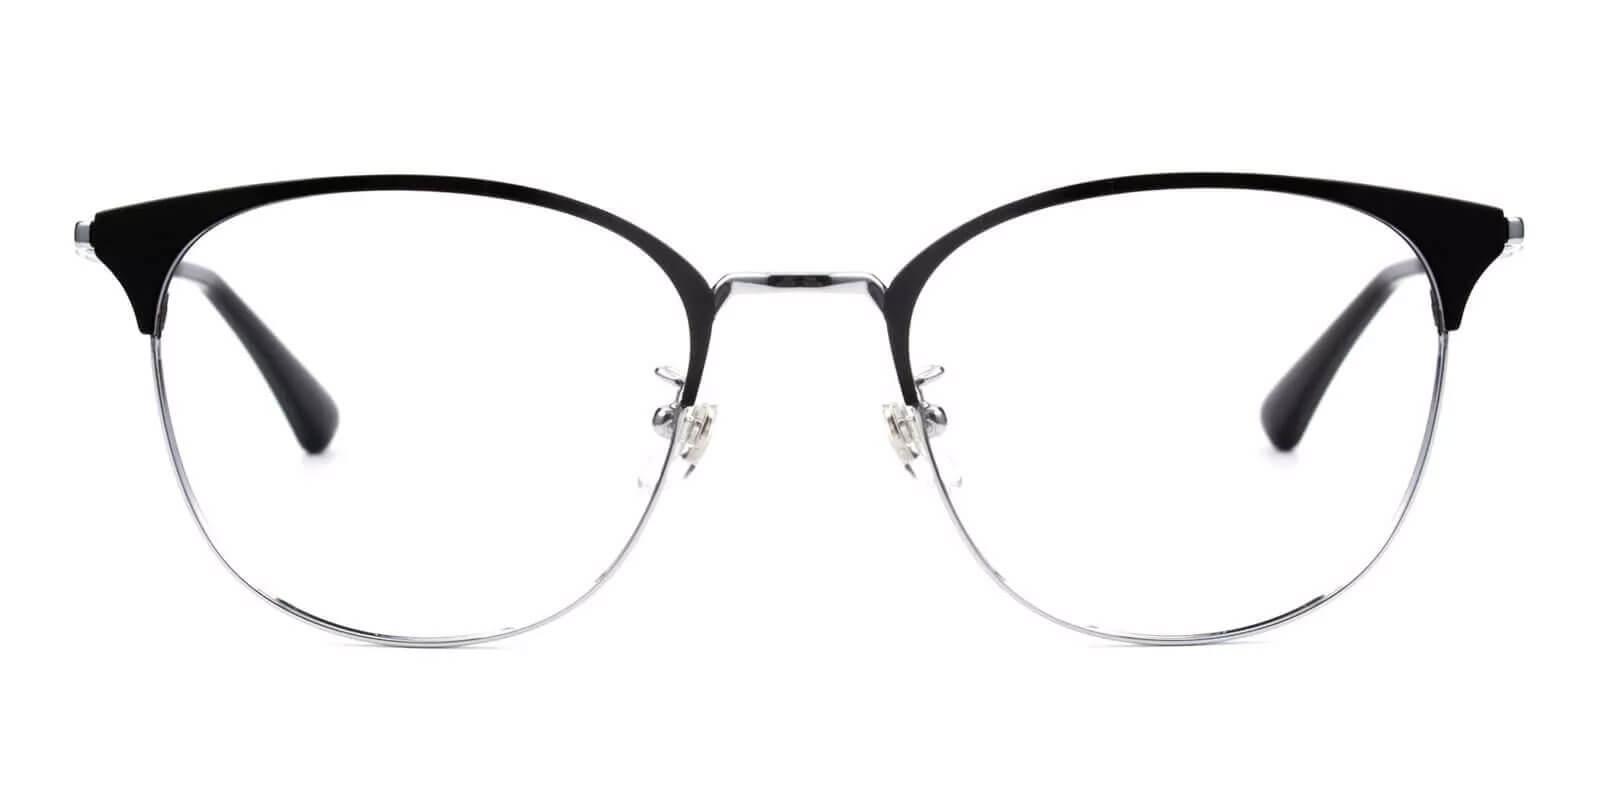 Delilah Silver Titanium NosePads , Eyeglasses , Lightweight Frames from ABBE Glasses